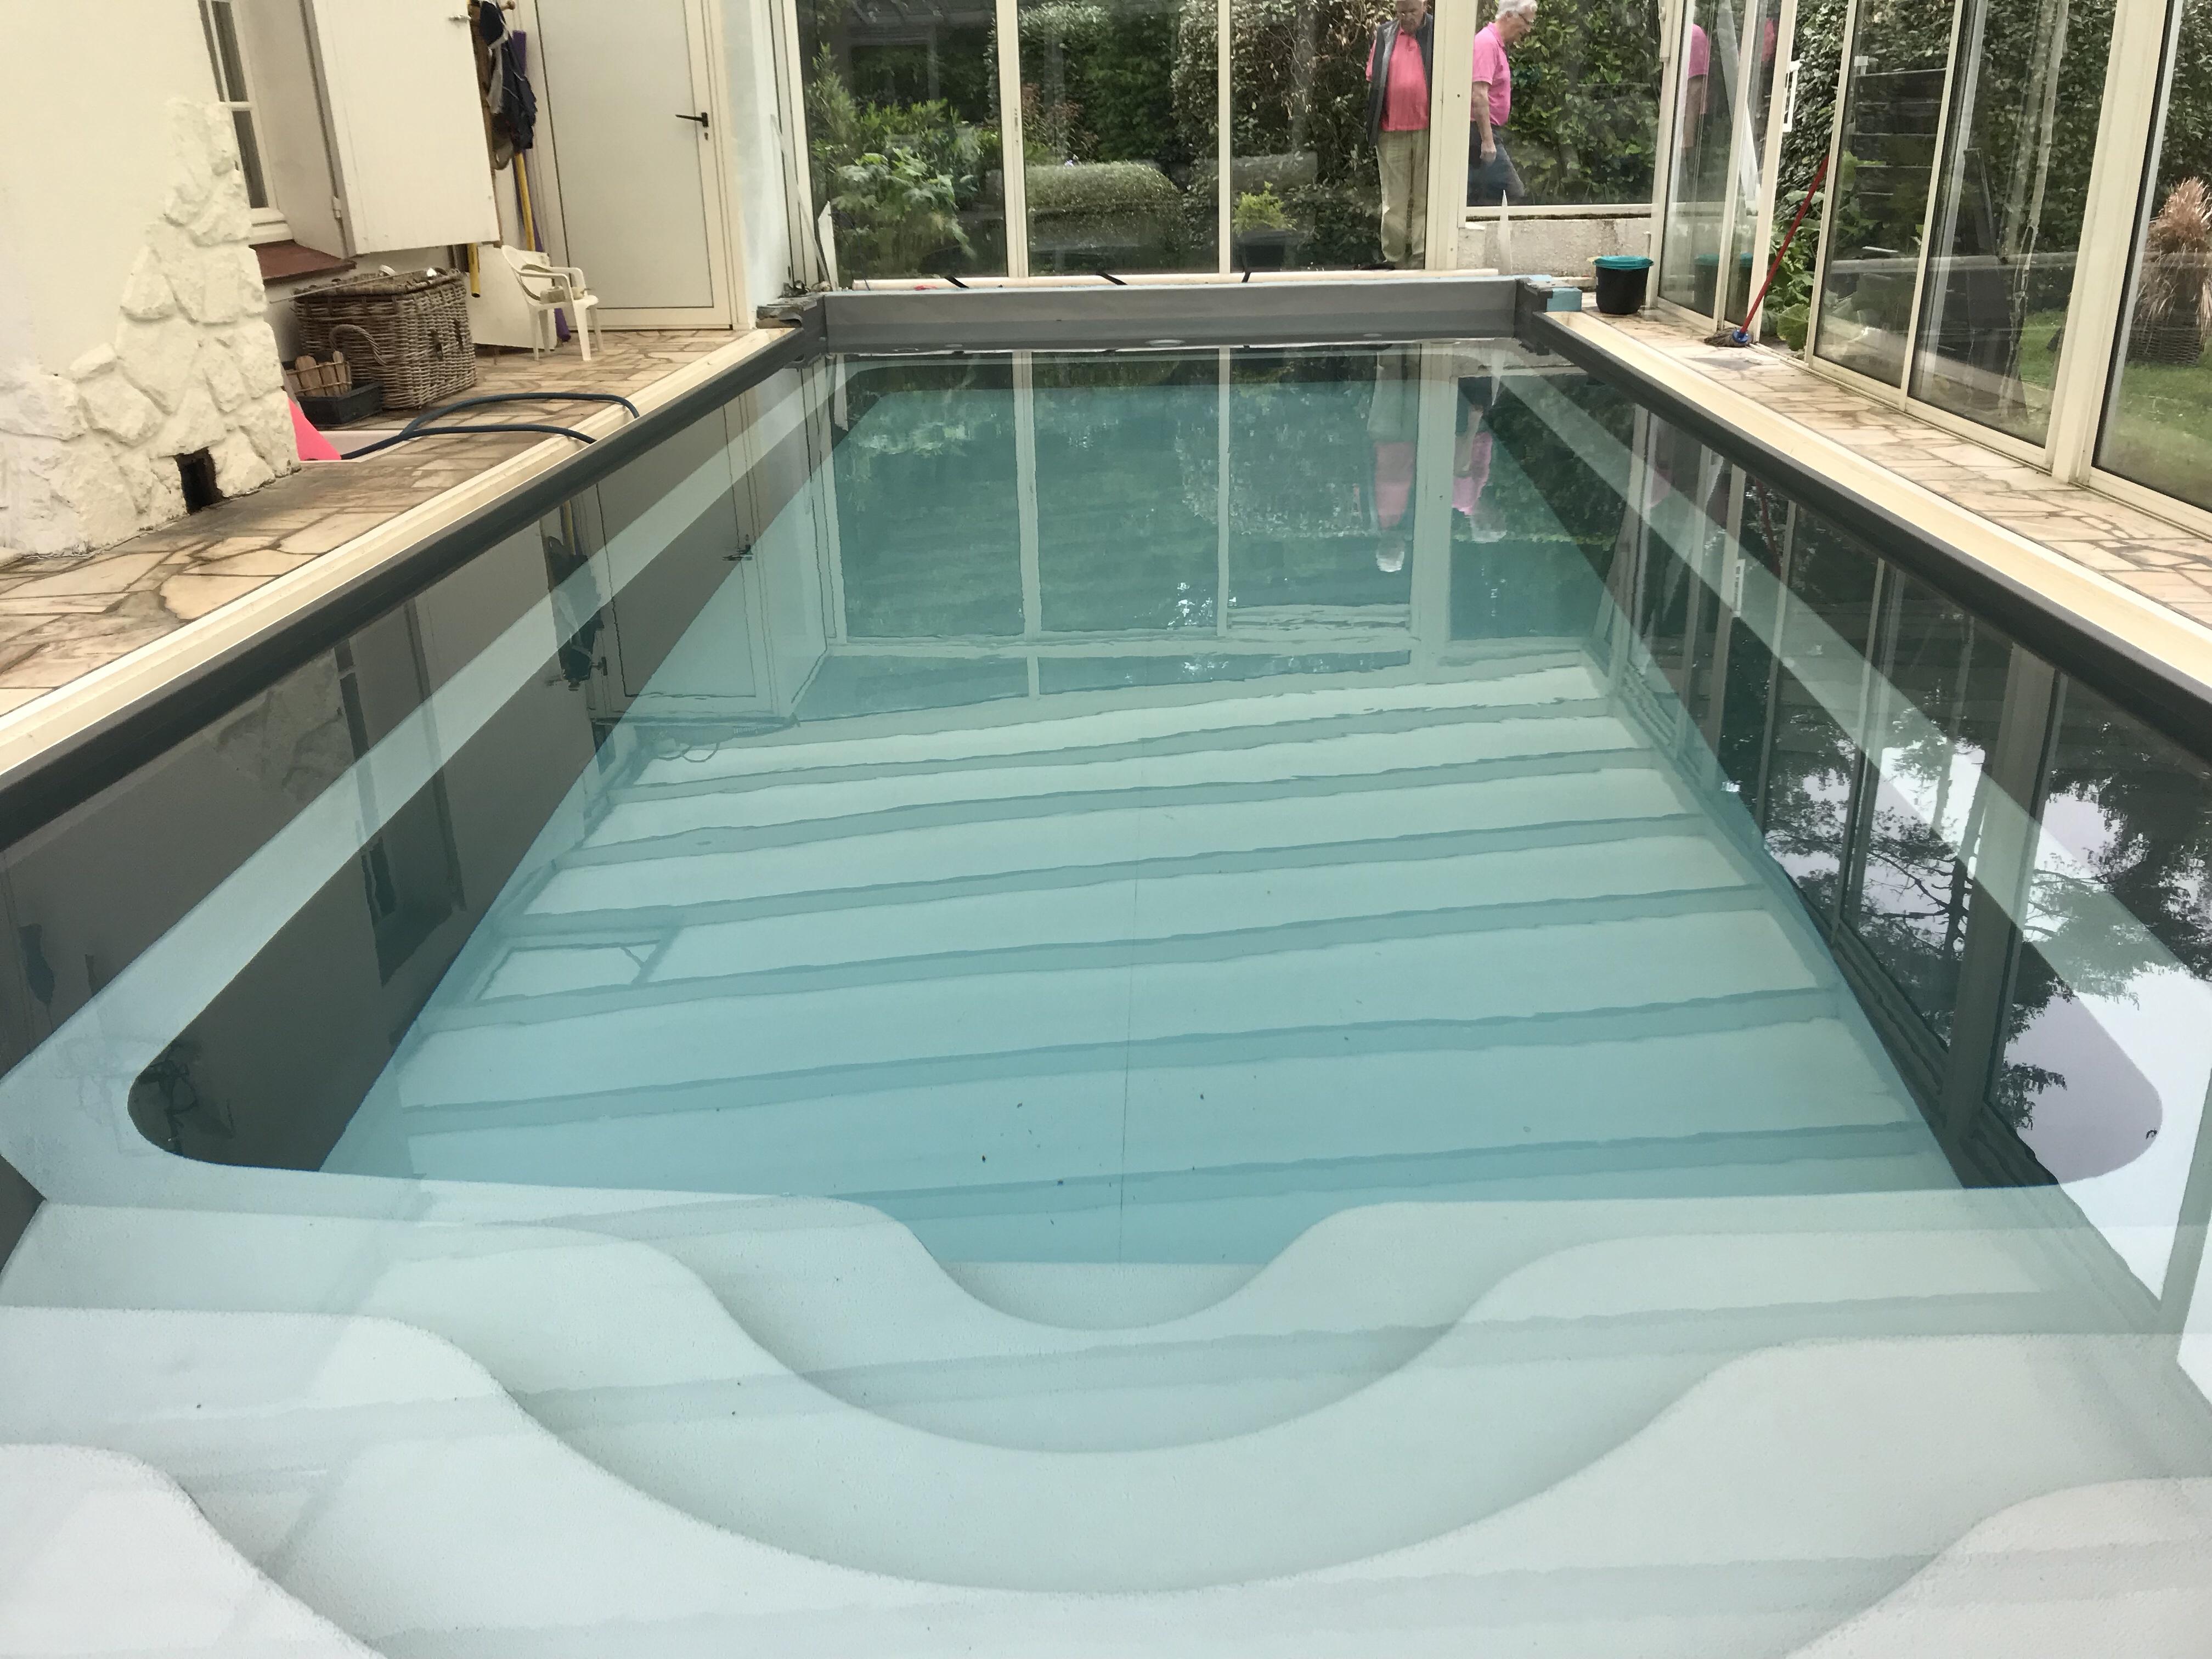 Rénovation piscine en PVC Armé Cuve en polyester de 25 ans avec escalier